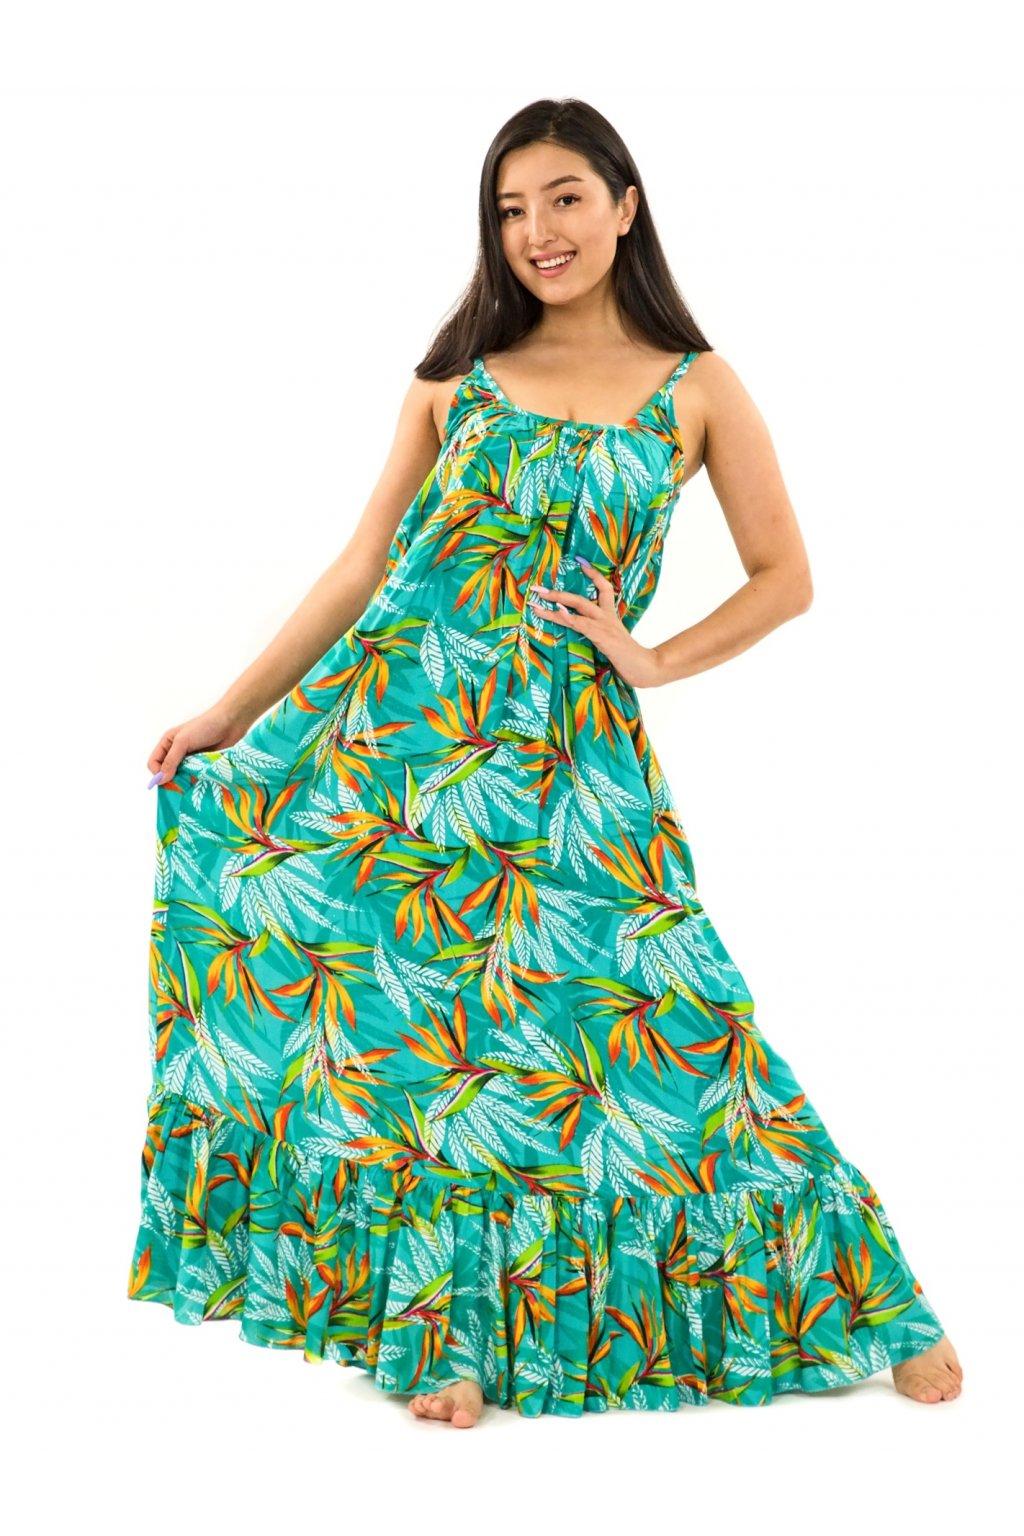 Vzdušné maxi šaty Strelície - tyrkysová